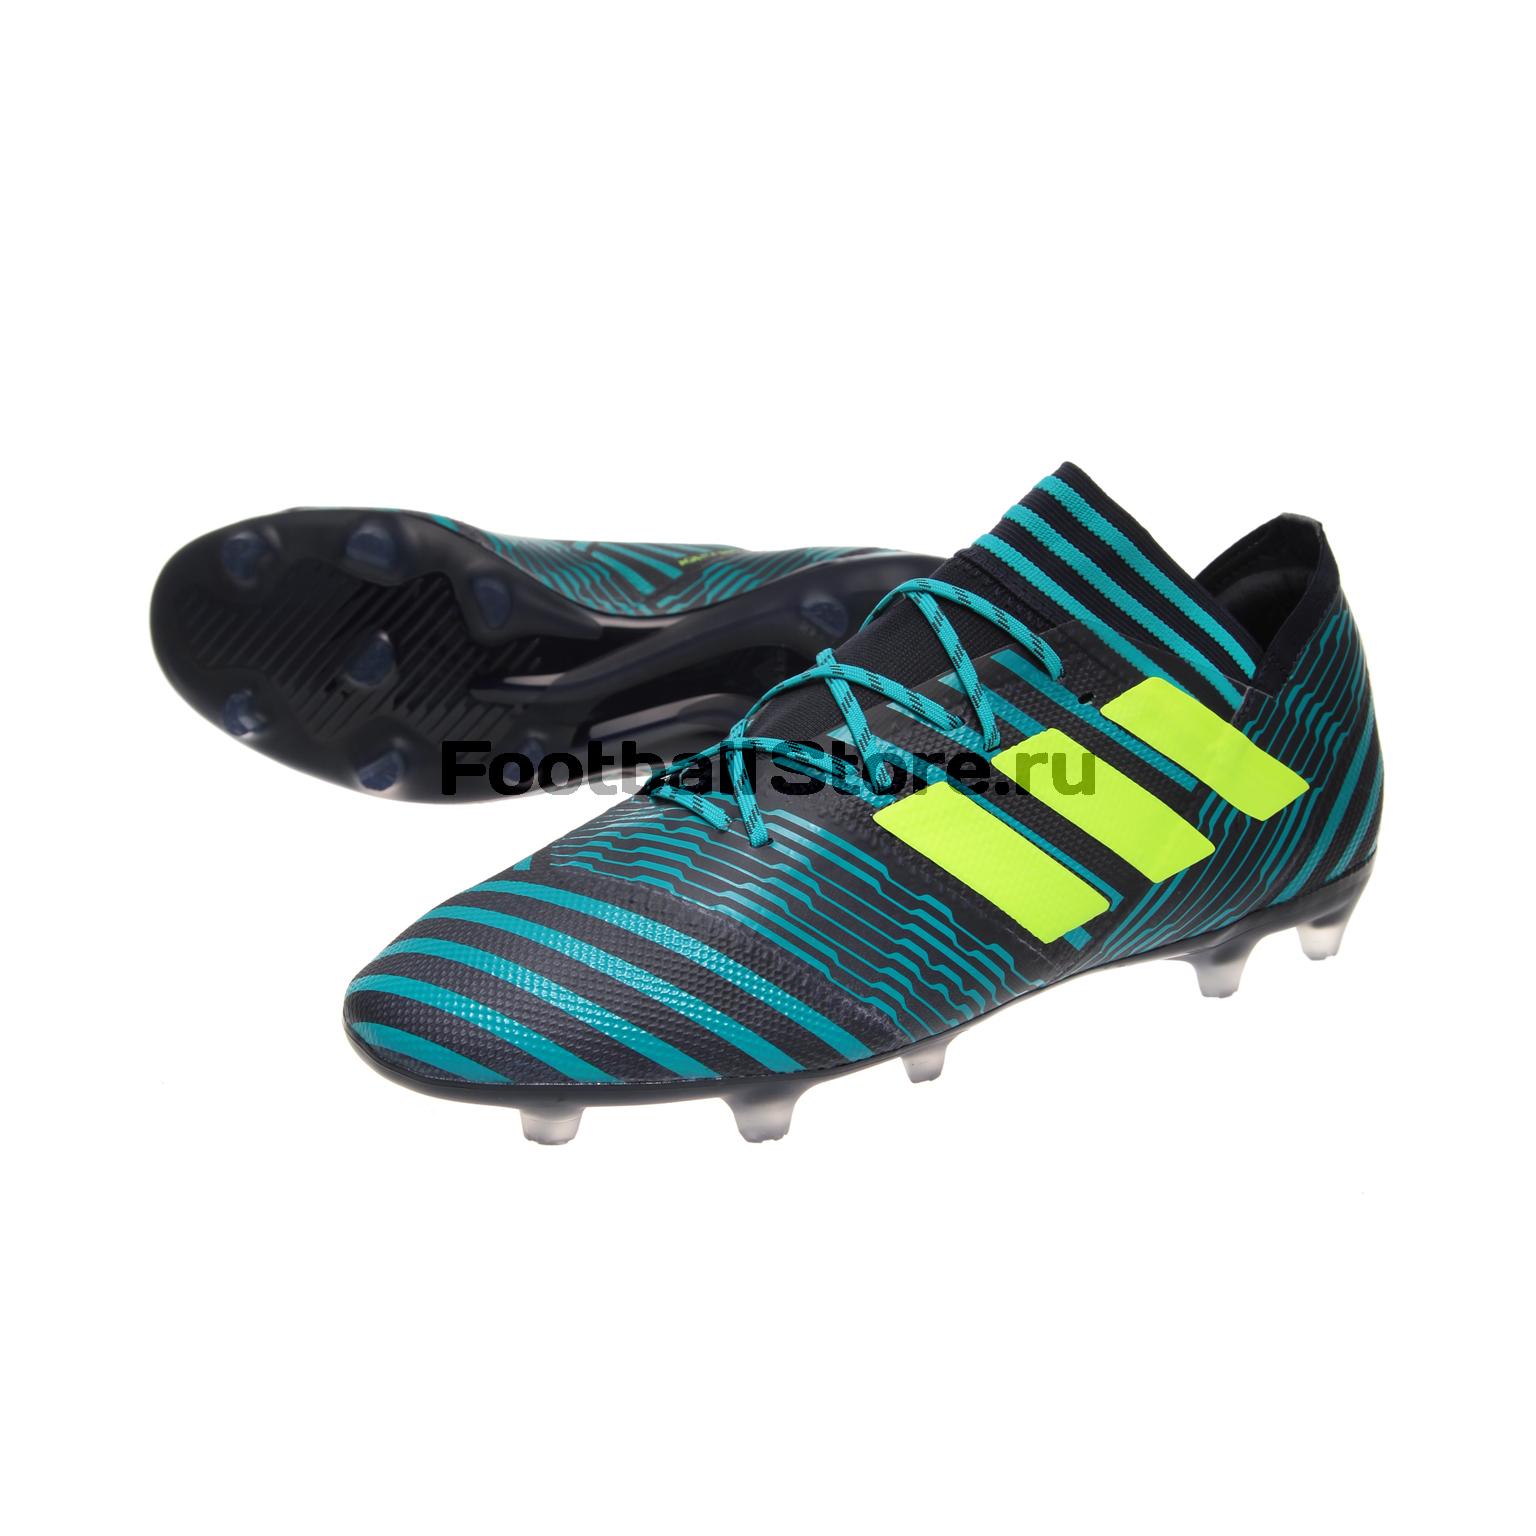 Бутсы Adidas Nemeziz 17.2 FG S80595 игровые бутсы adidas бутсы adidas ace 17 1 fg by2459